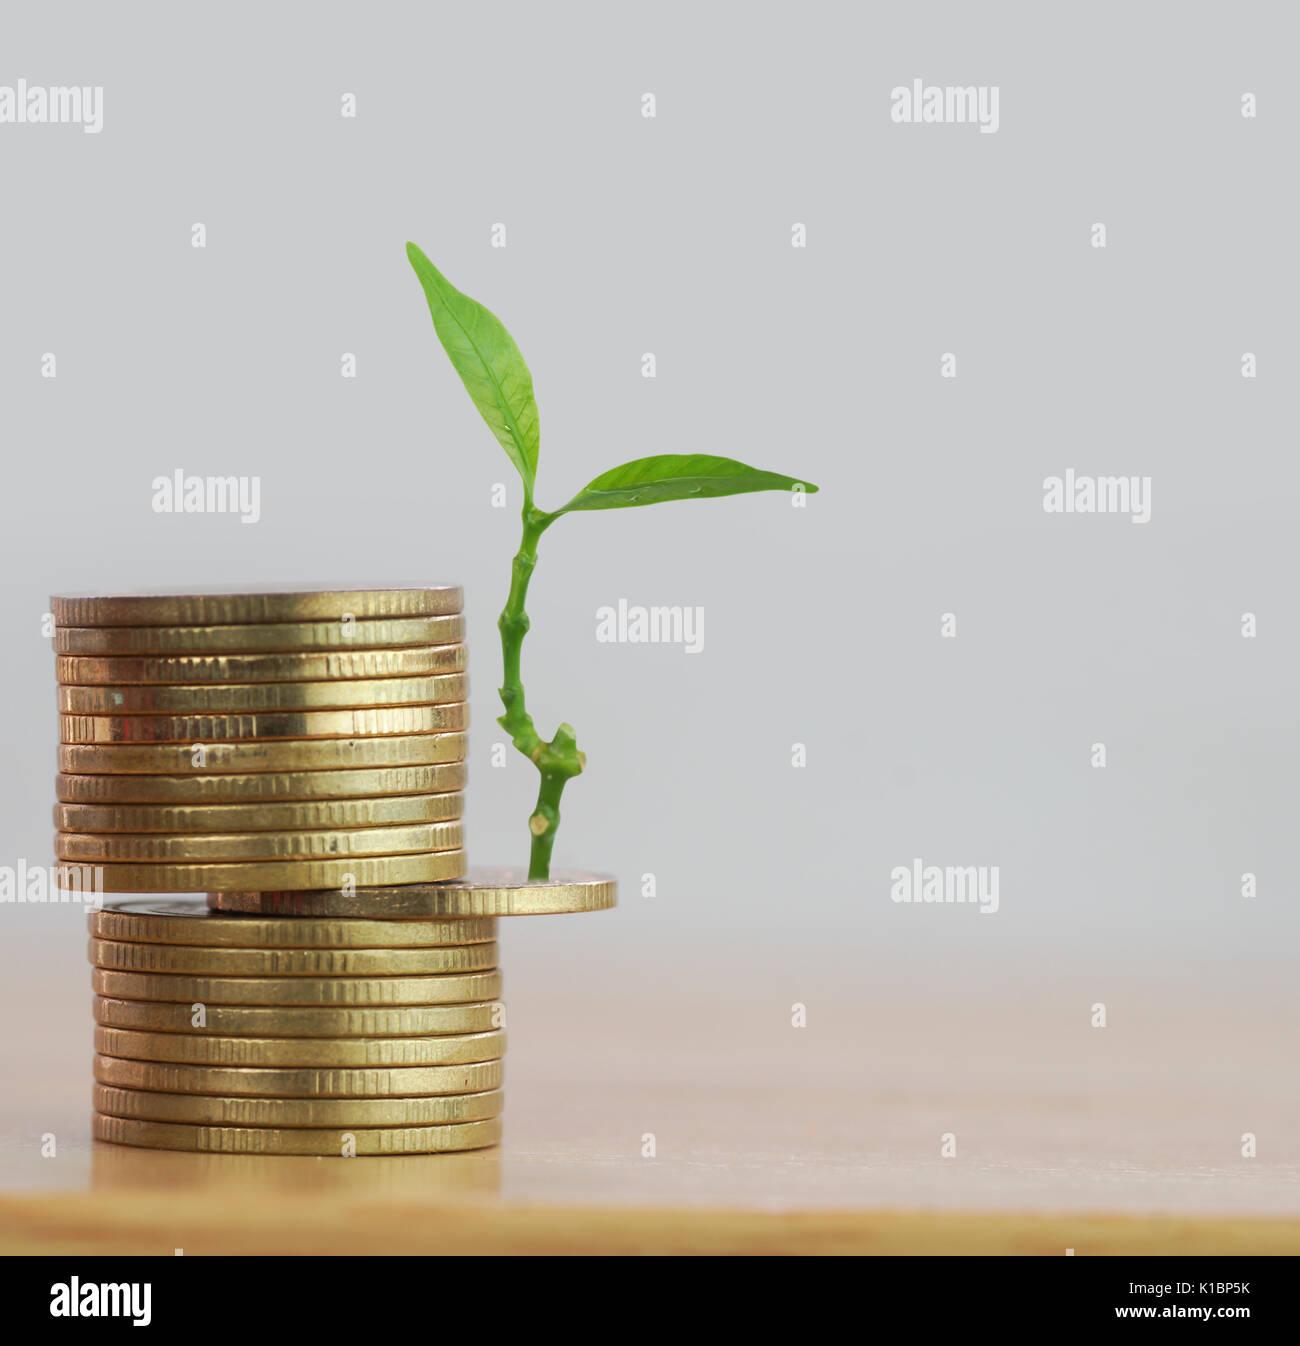 Reihe von Geld Münzen mit Baum aufwachsen, Konzept, Sparen, Finanzen und Investitionen in Unternehmen Stockbild